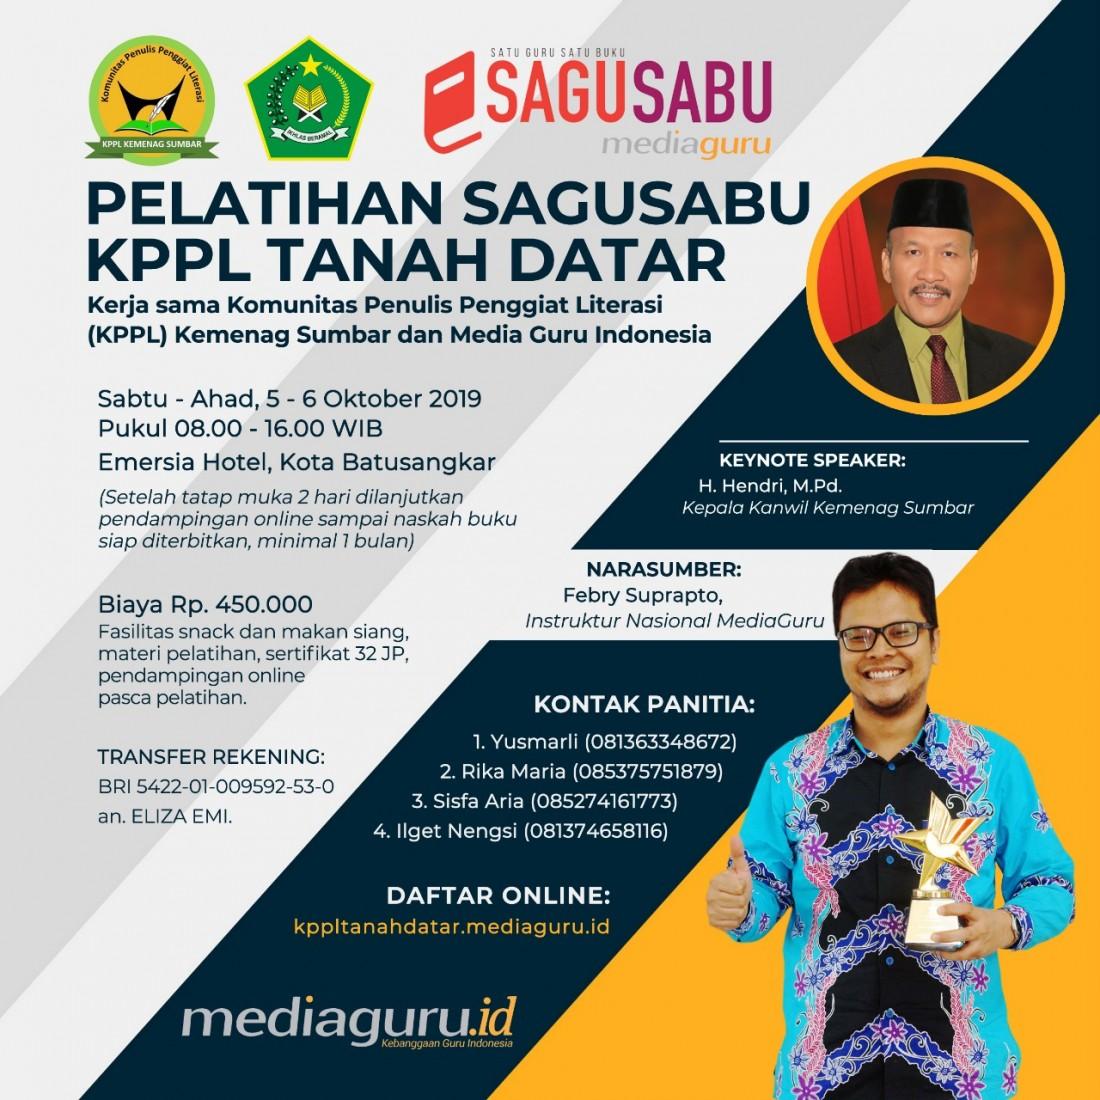 Pelatihan Menulis Sagusabu KPPL Tanah Datar (5-6 Oktober 2019)